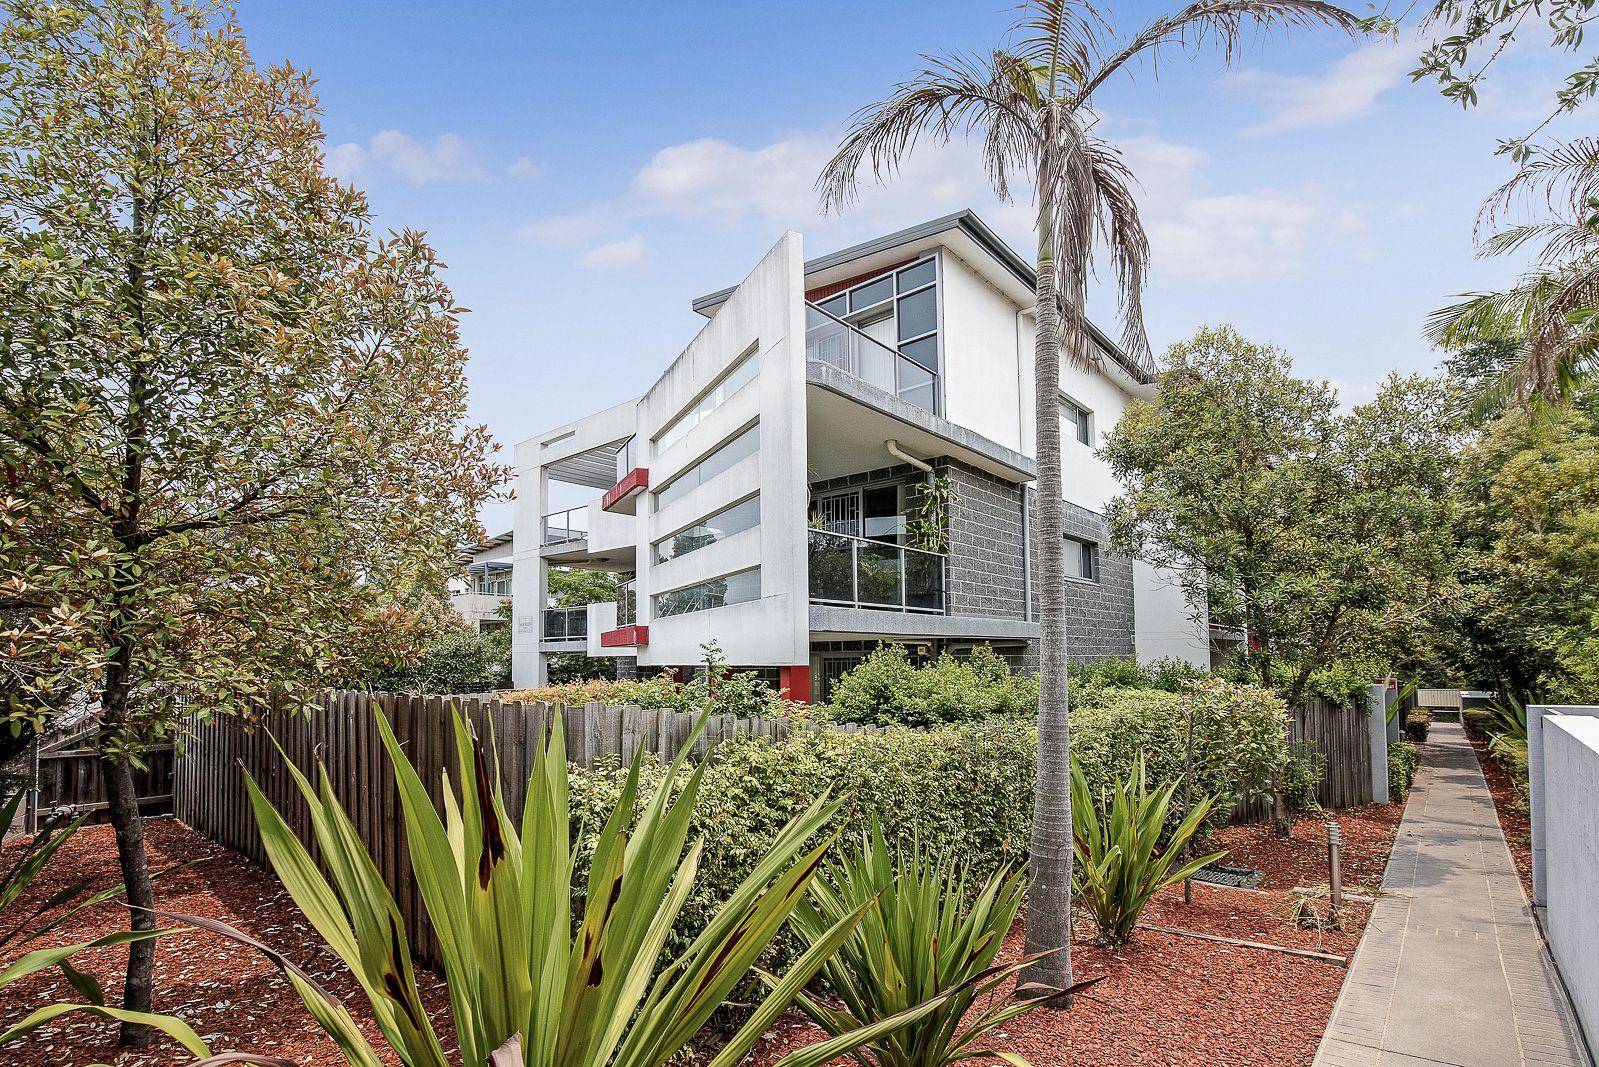 15/205-207 William Street, Merrylands NSW 2160, Image 0